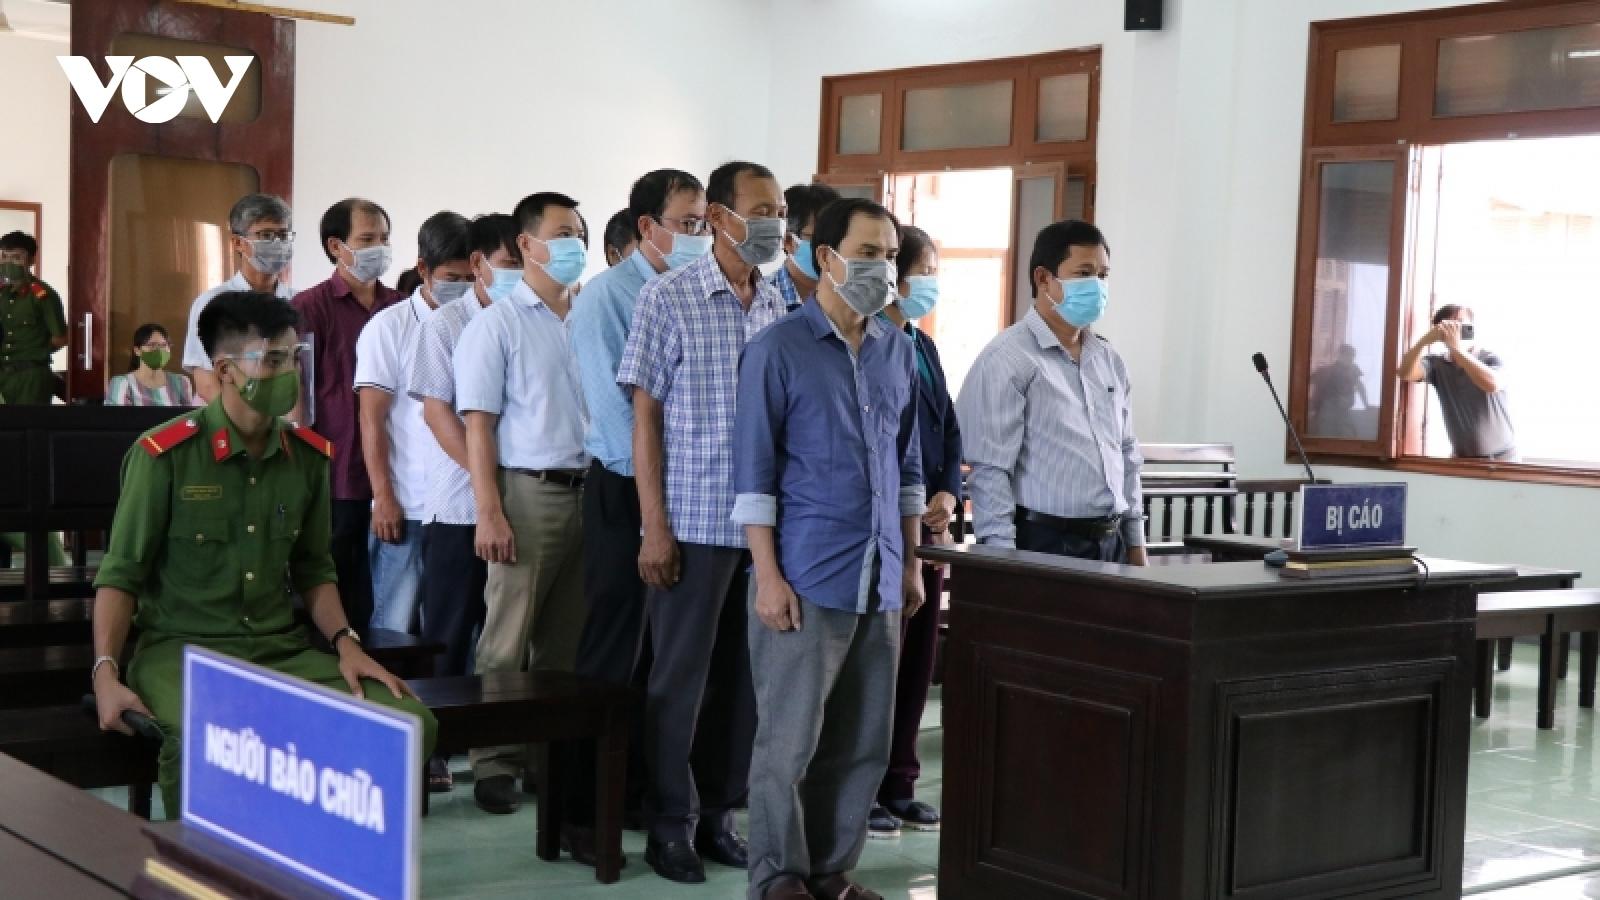 18 bị cáo lĩnh án trong vụ lộ đề thi công chức tỉnh Phú Yên